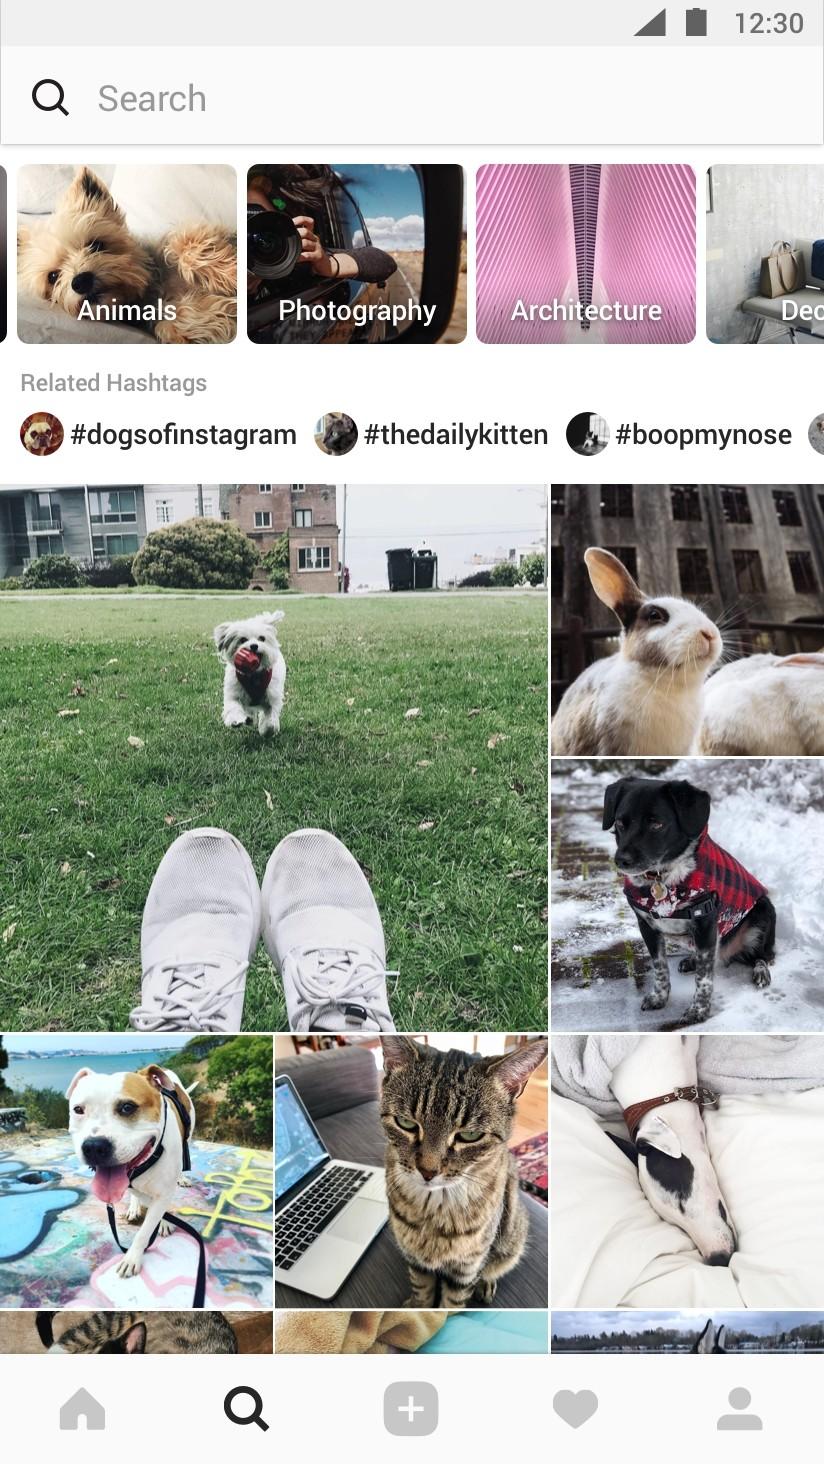 Instagram fotos de búsqueda